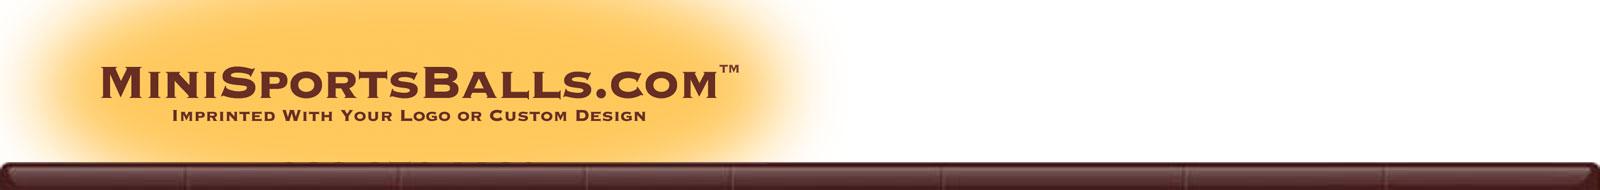 MiniSportsBalls.com Header